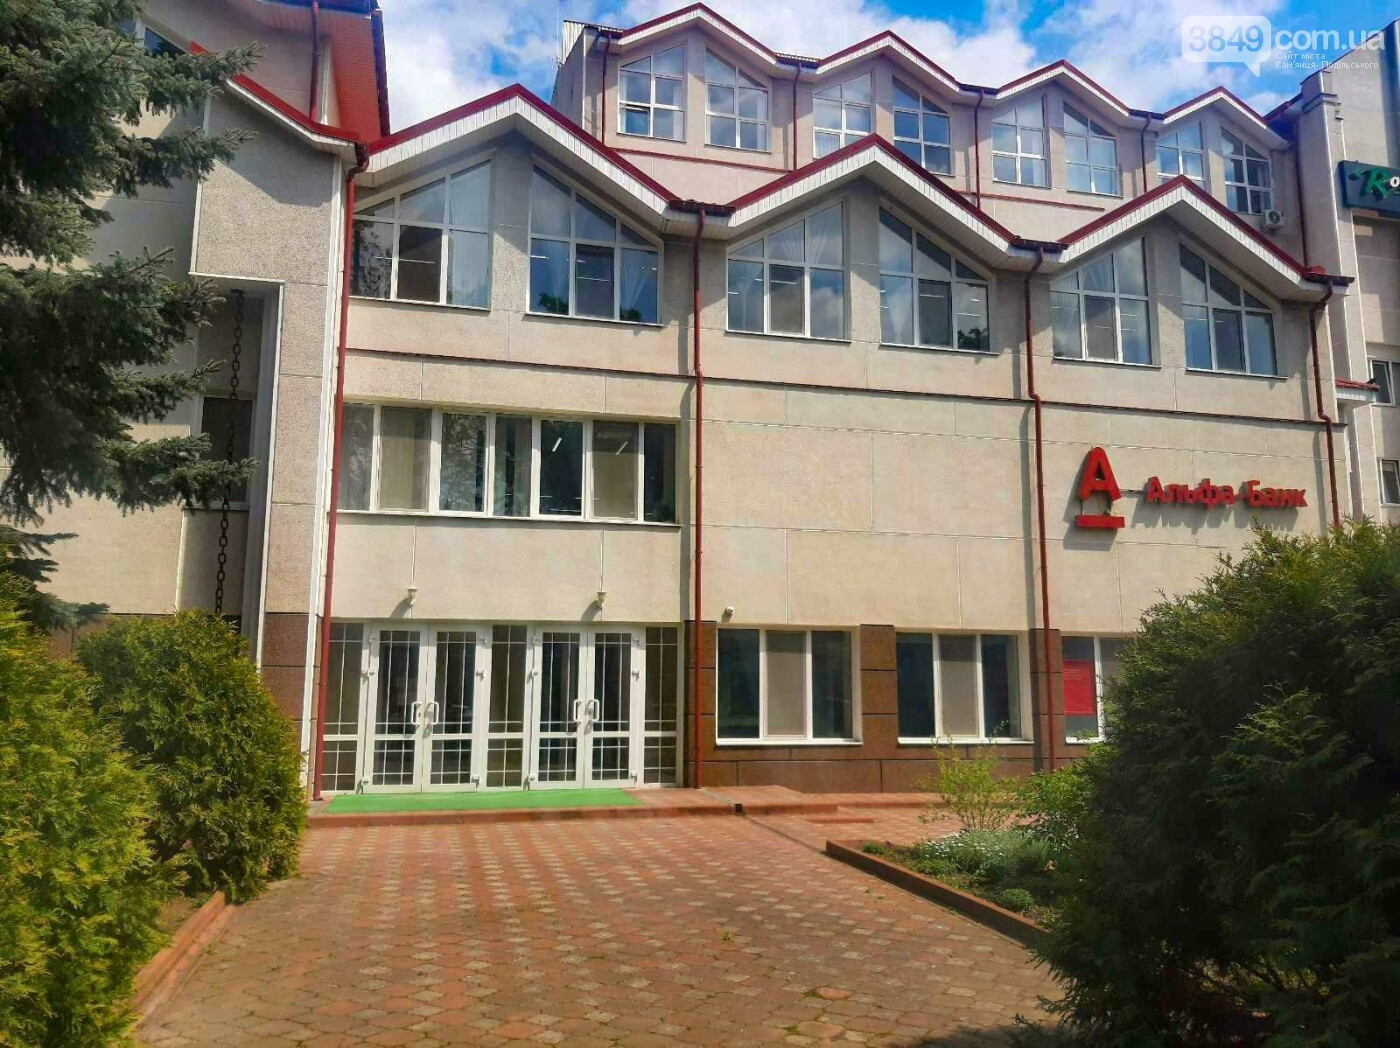 Українська швейна фабрика